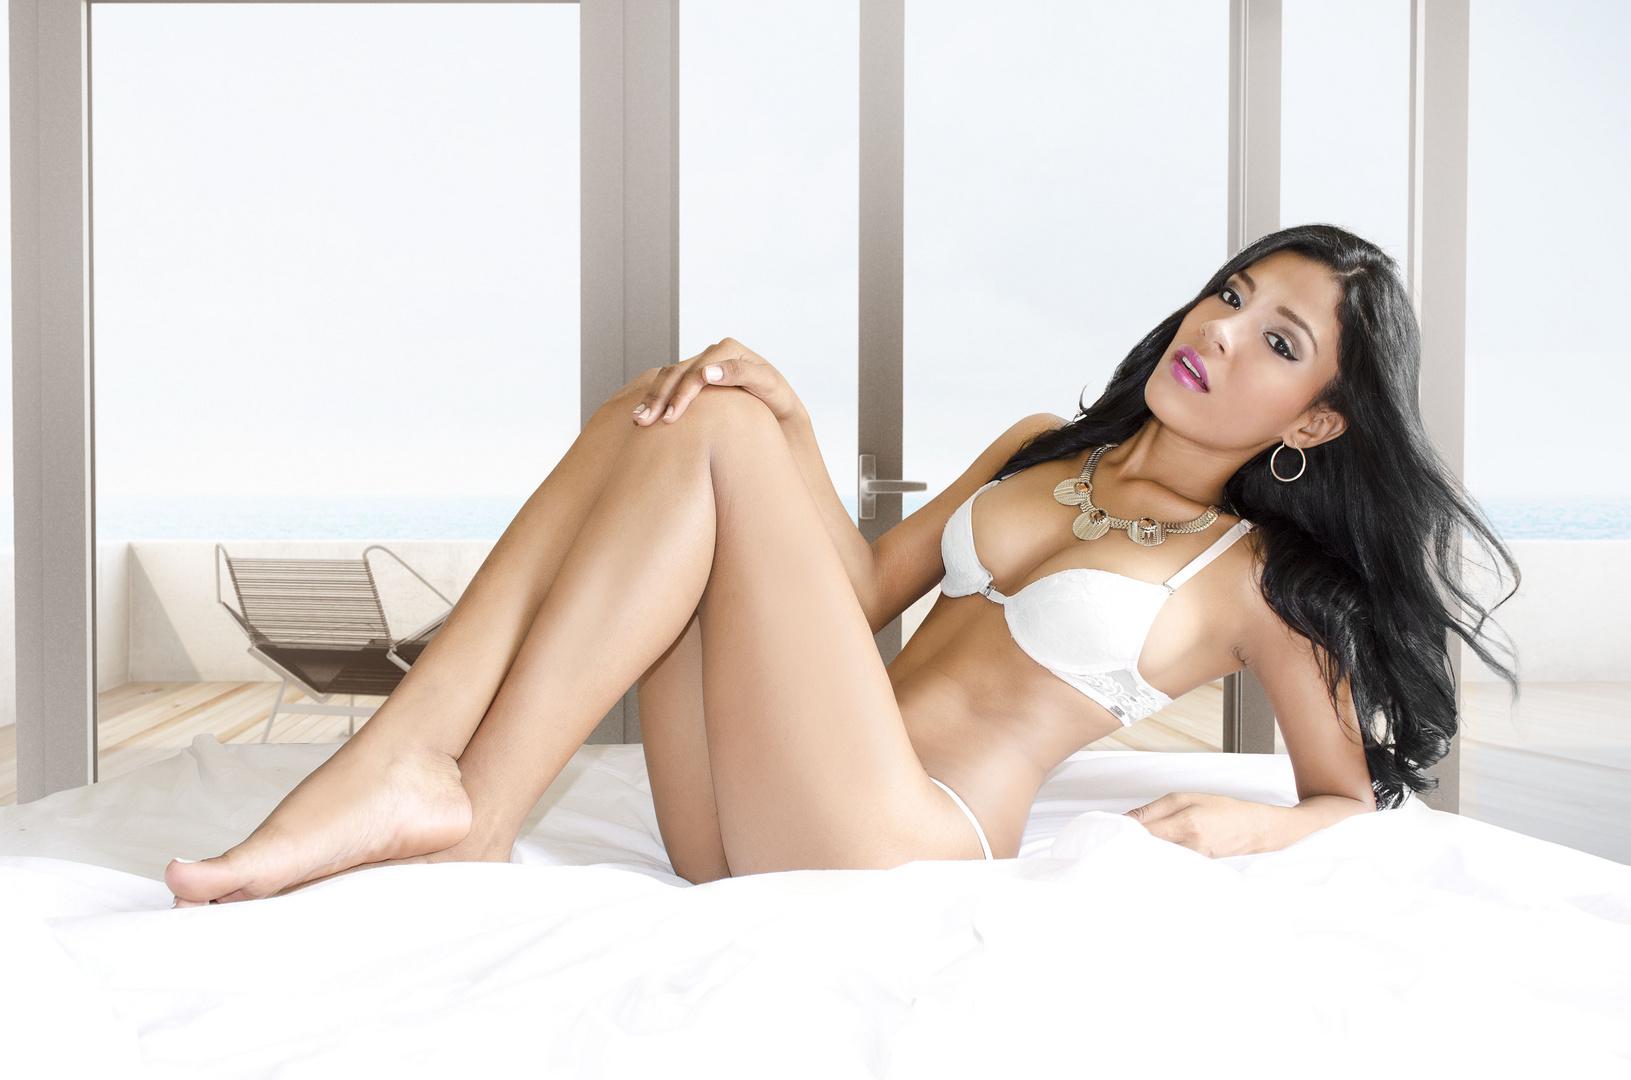 Jessica Vacca